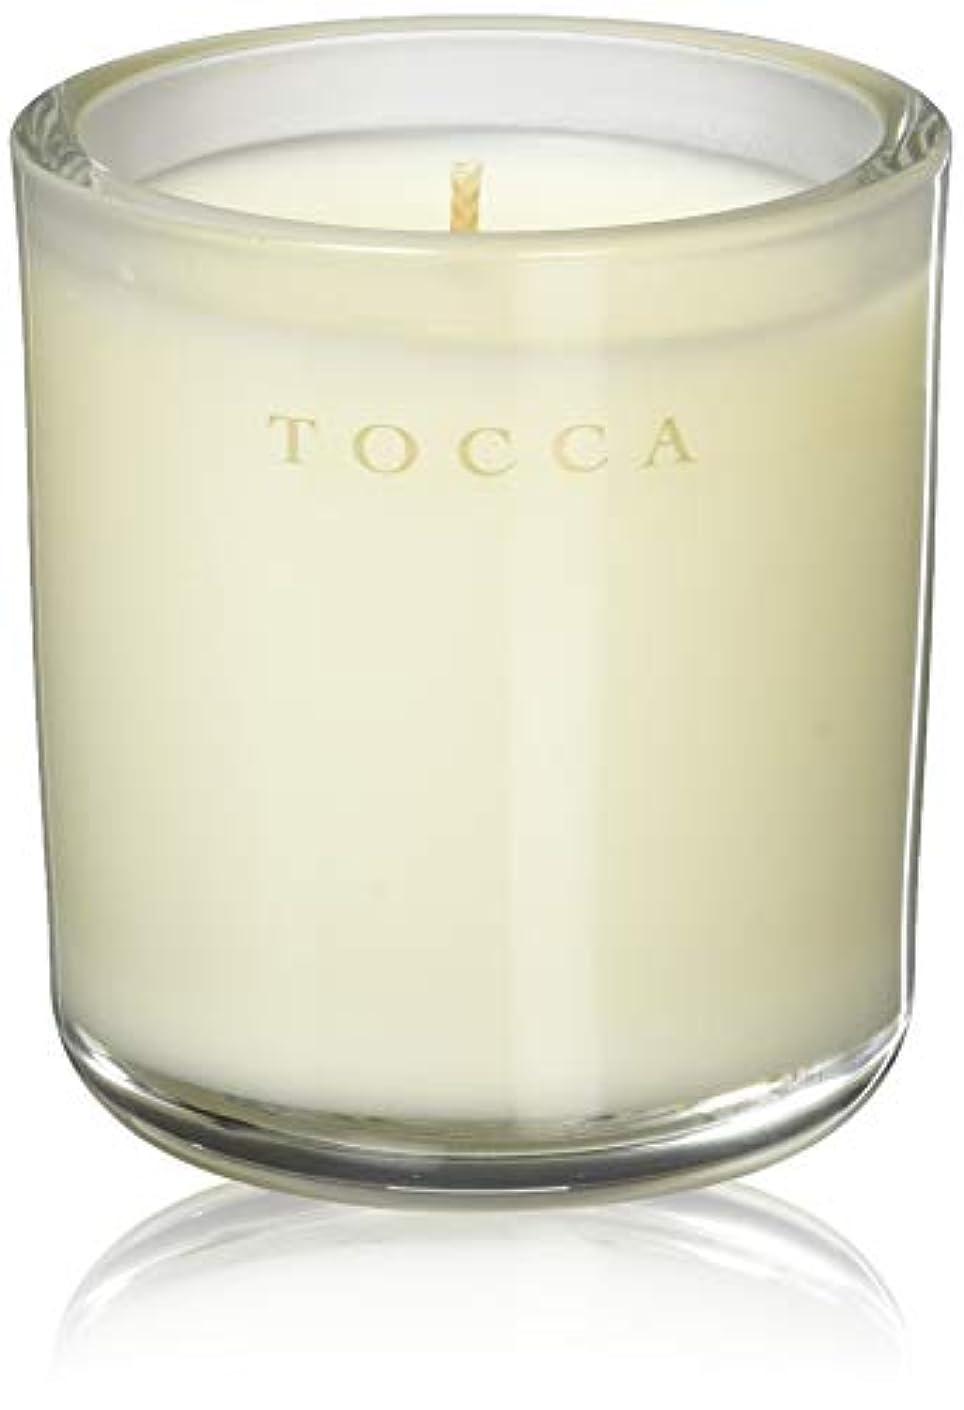 統治可能ドナー変化TOCCA(トッカ) ボヤージュ キャンデリーナ バレンシア 85g (ろうそく 芳香 オレンジとベルガモットのフレッシュシトラスな香り)